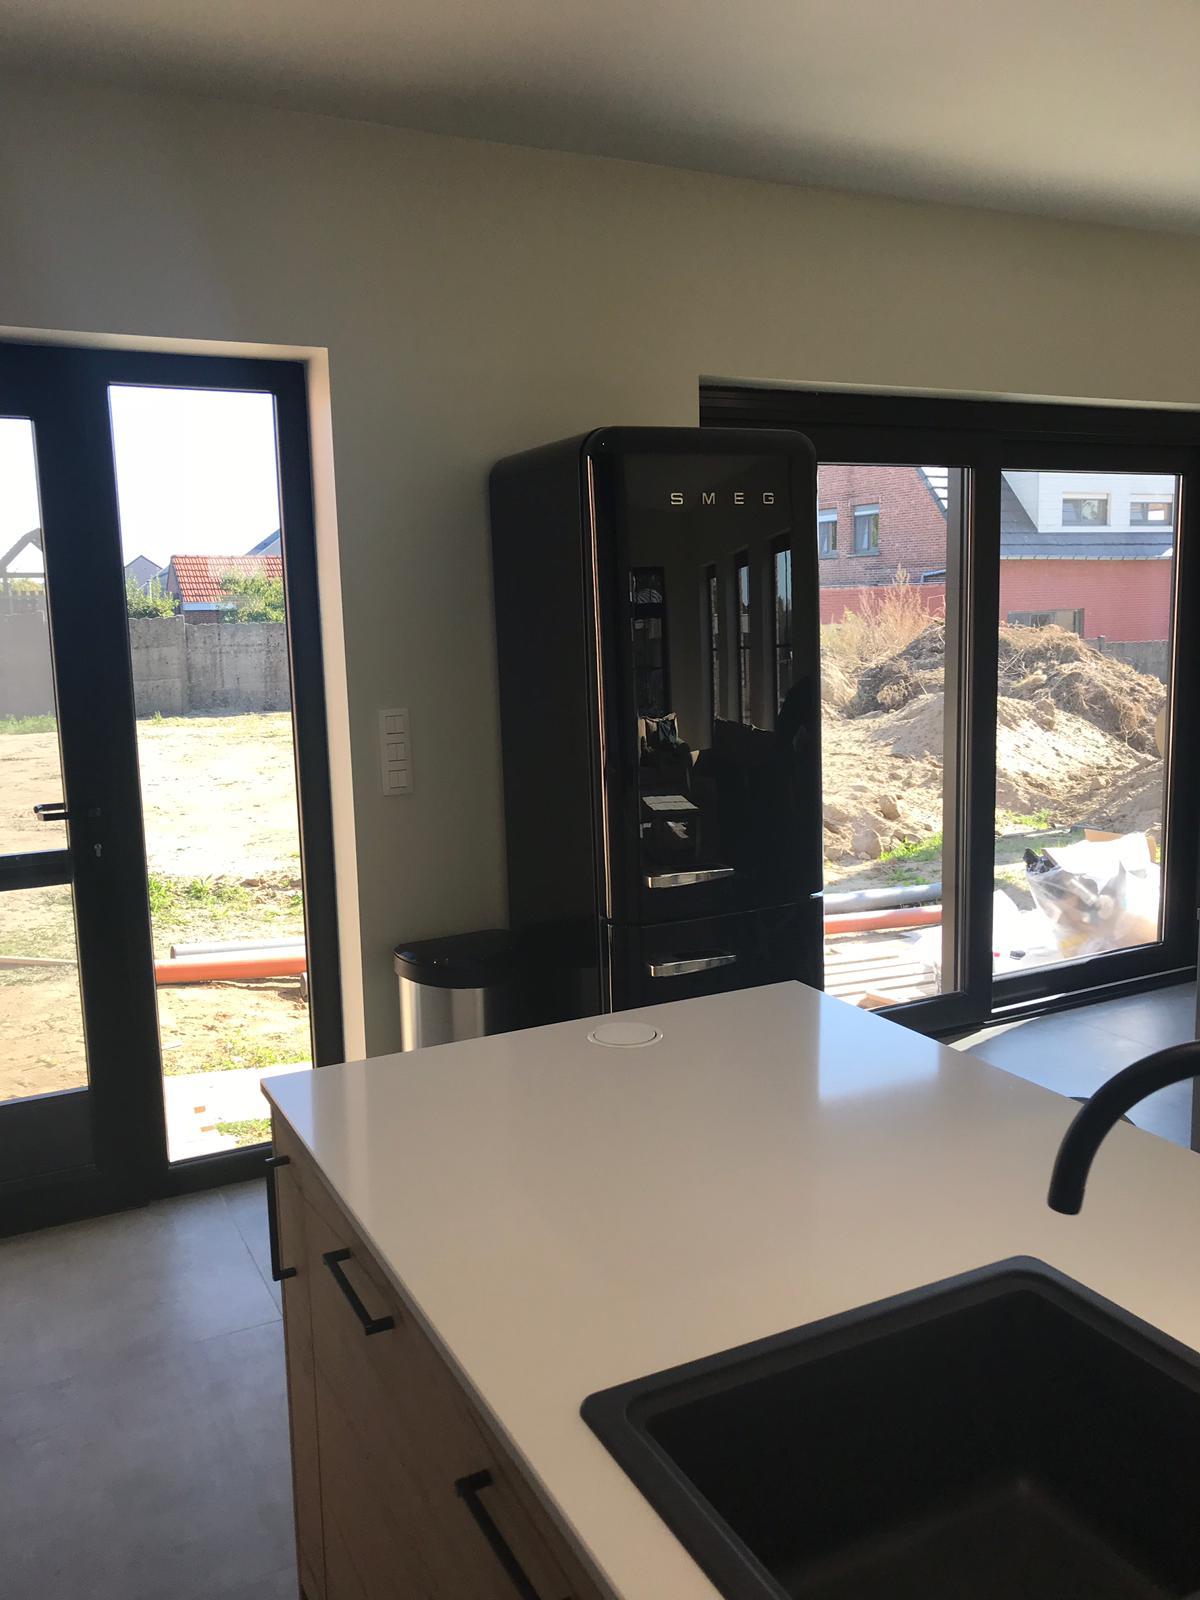 5 Keuken in zwarte laminaat gecombineerd met deuren in houtstructuur